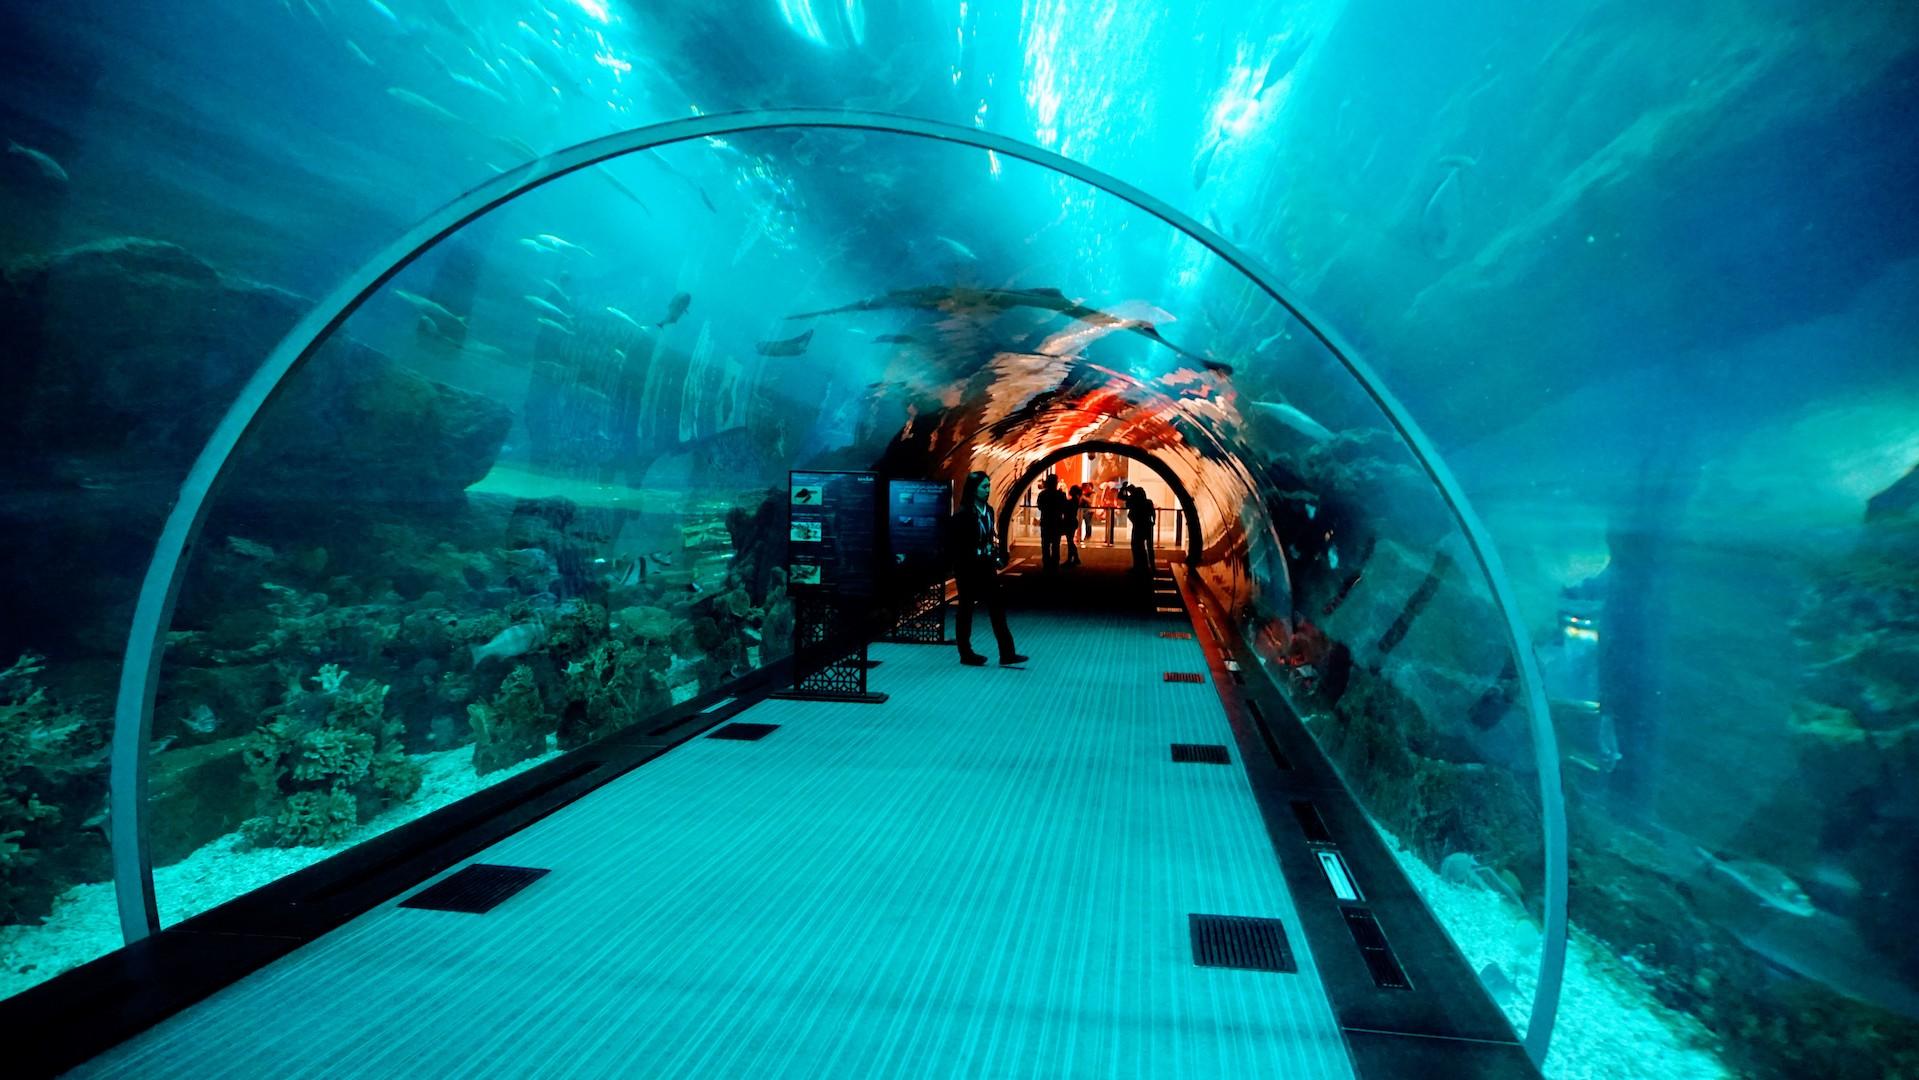 túnel dentro do aquário de Dubai